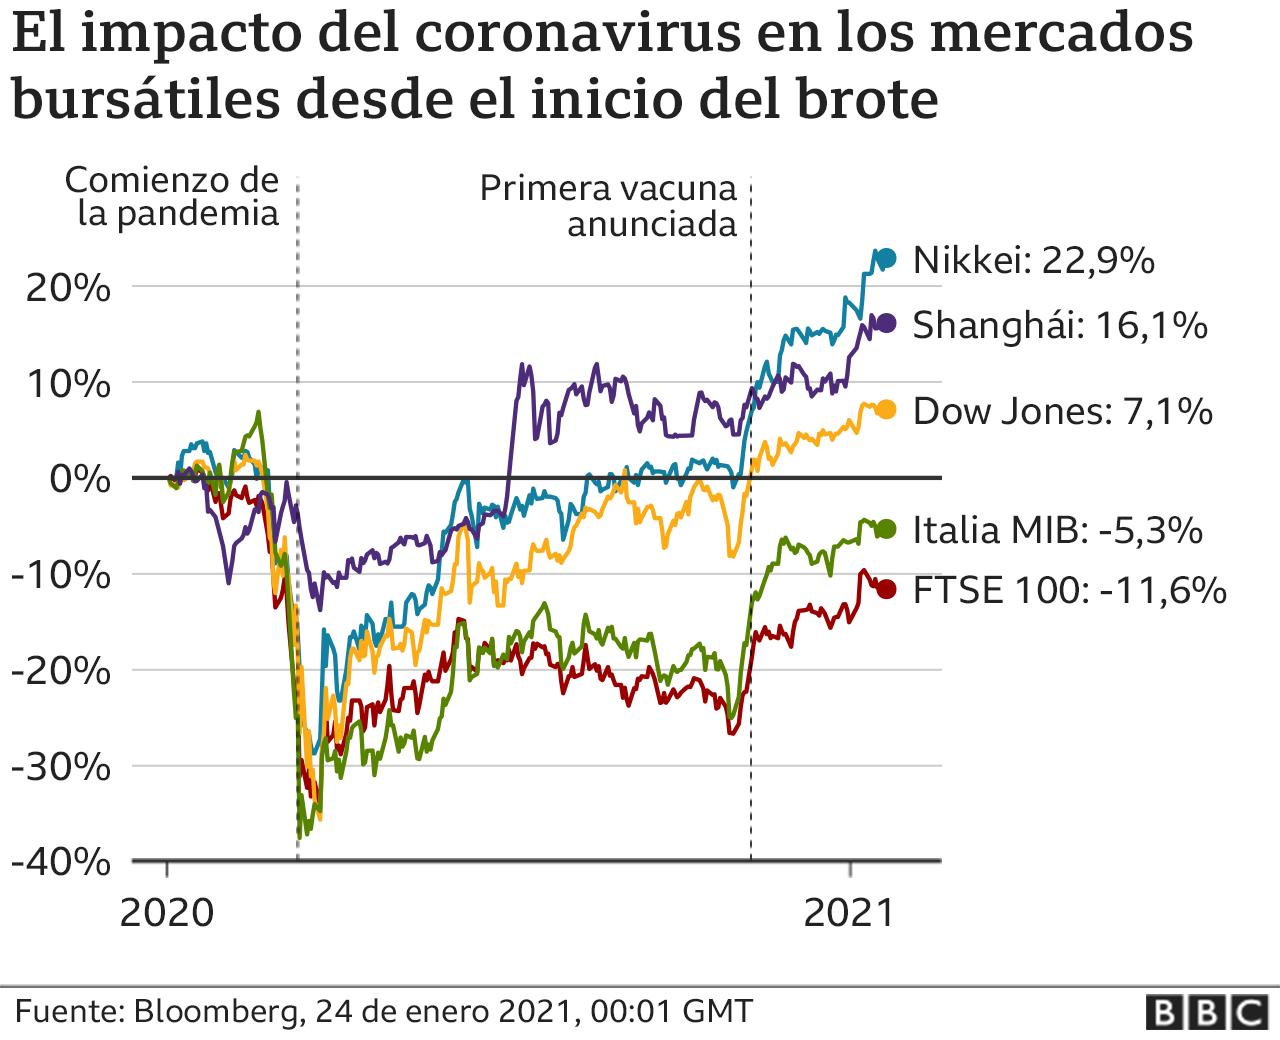 gráfico impacto del coronavirus en los mercados bursátiles desde el inicio del brote